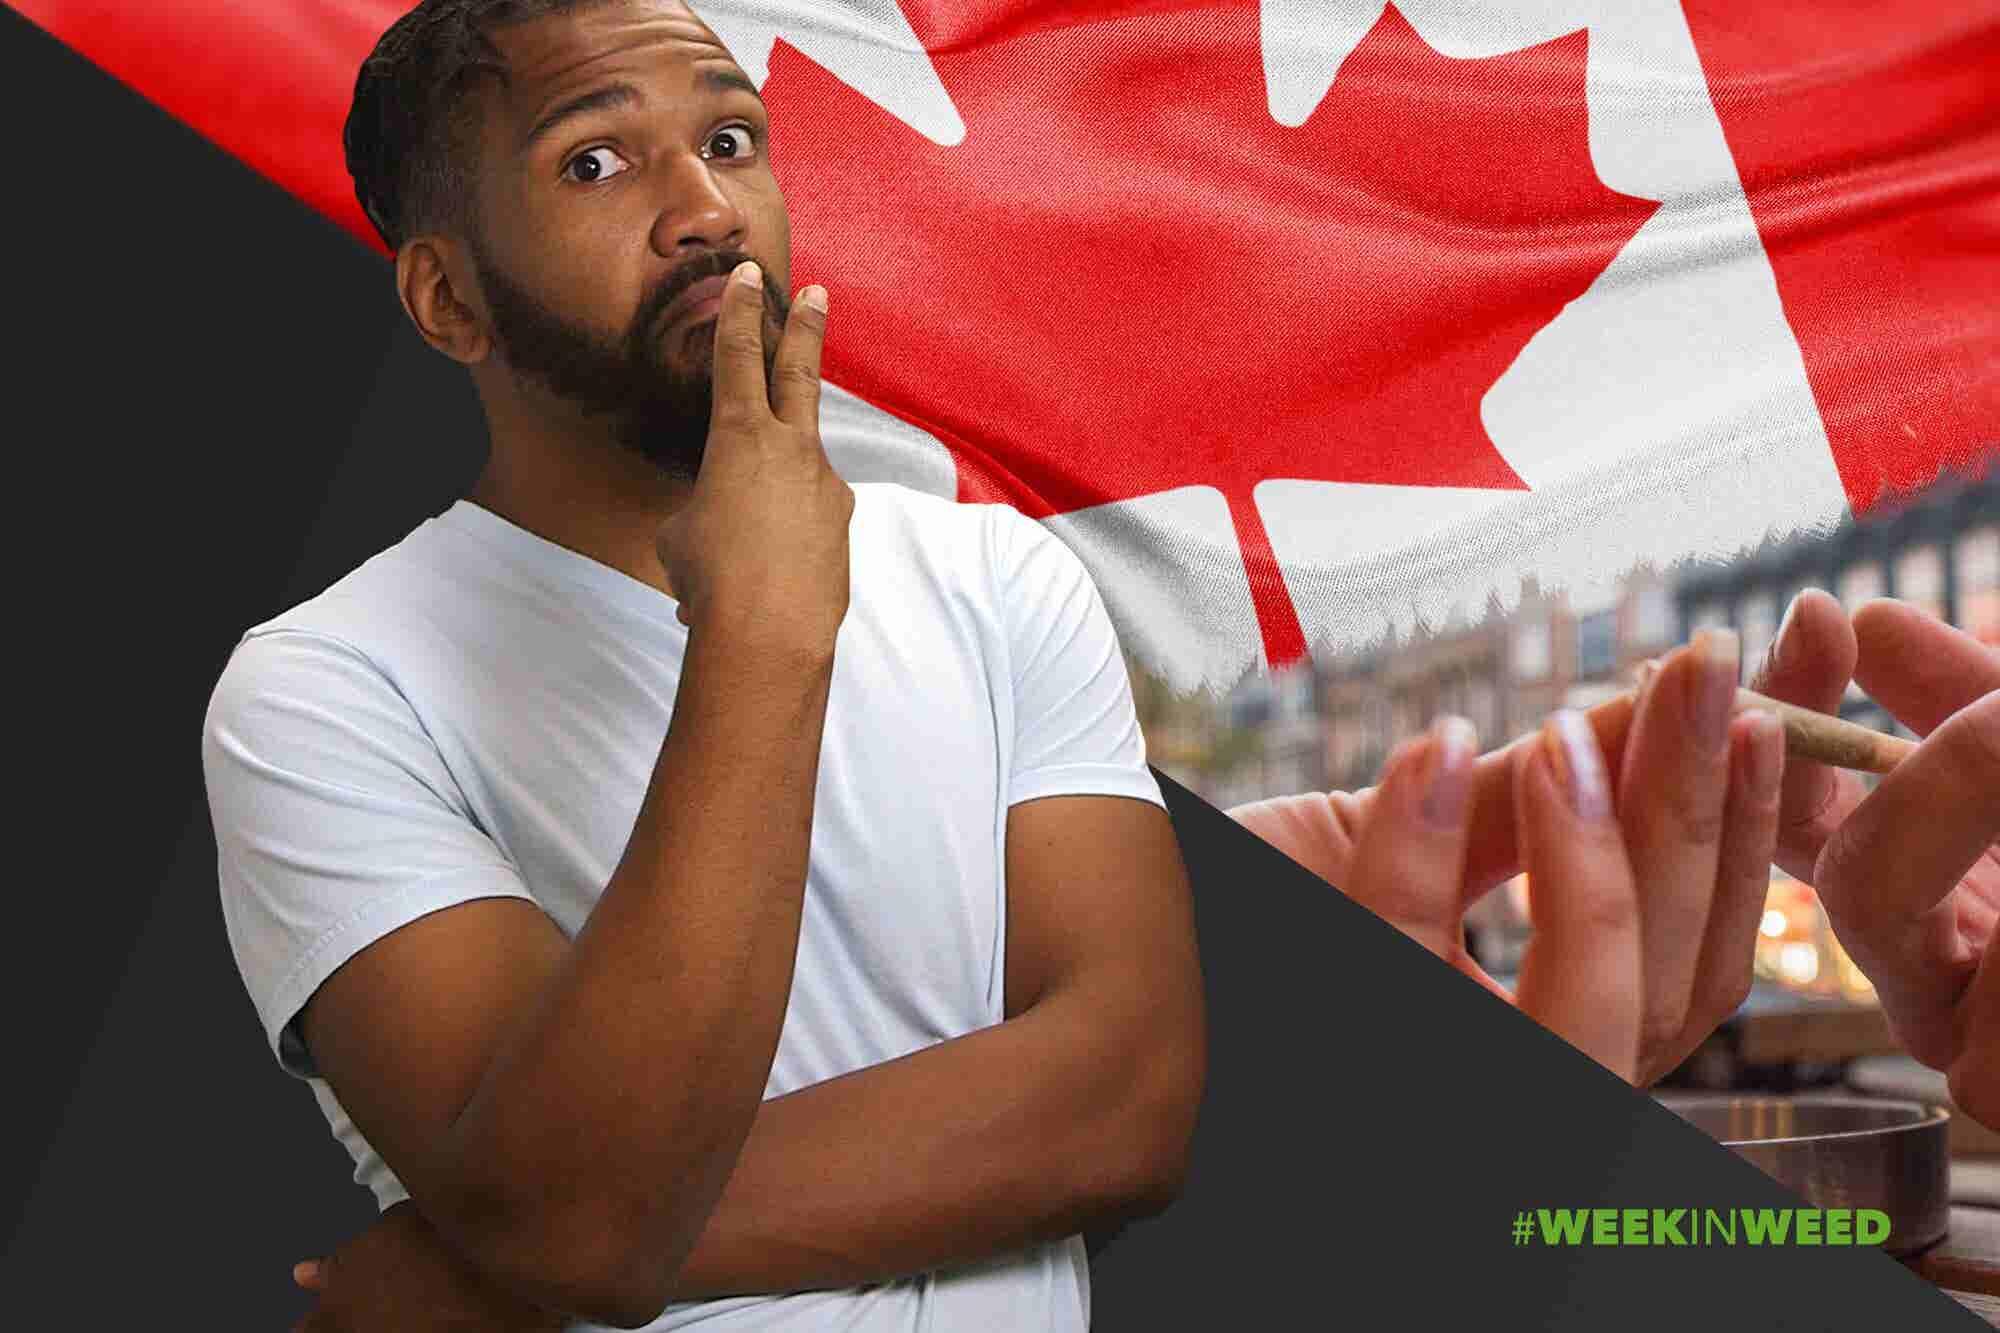 This Week in Weed: Canada 'Okays' Public Smoking!